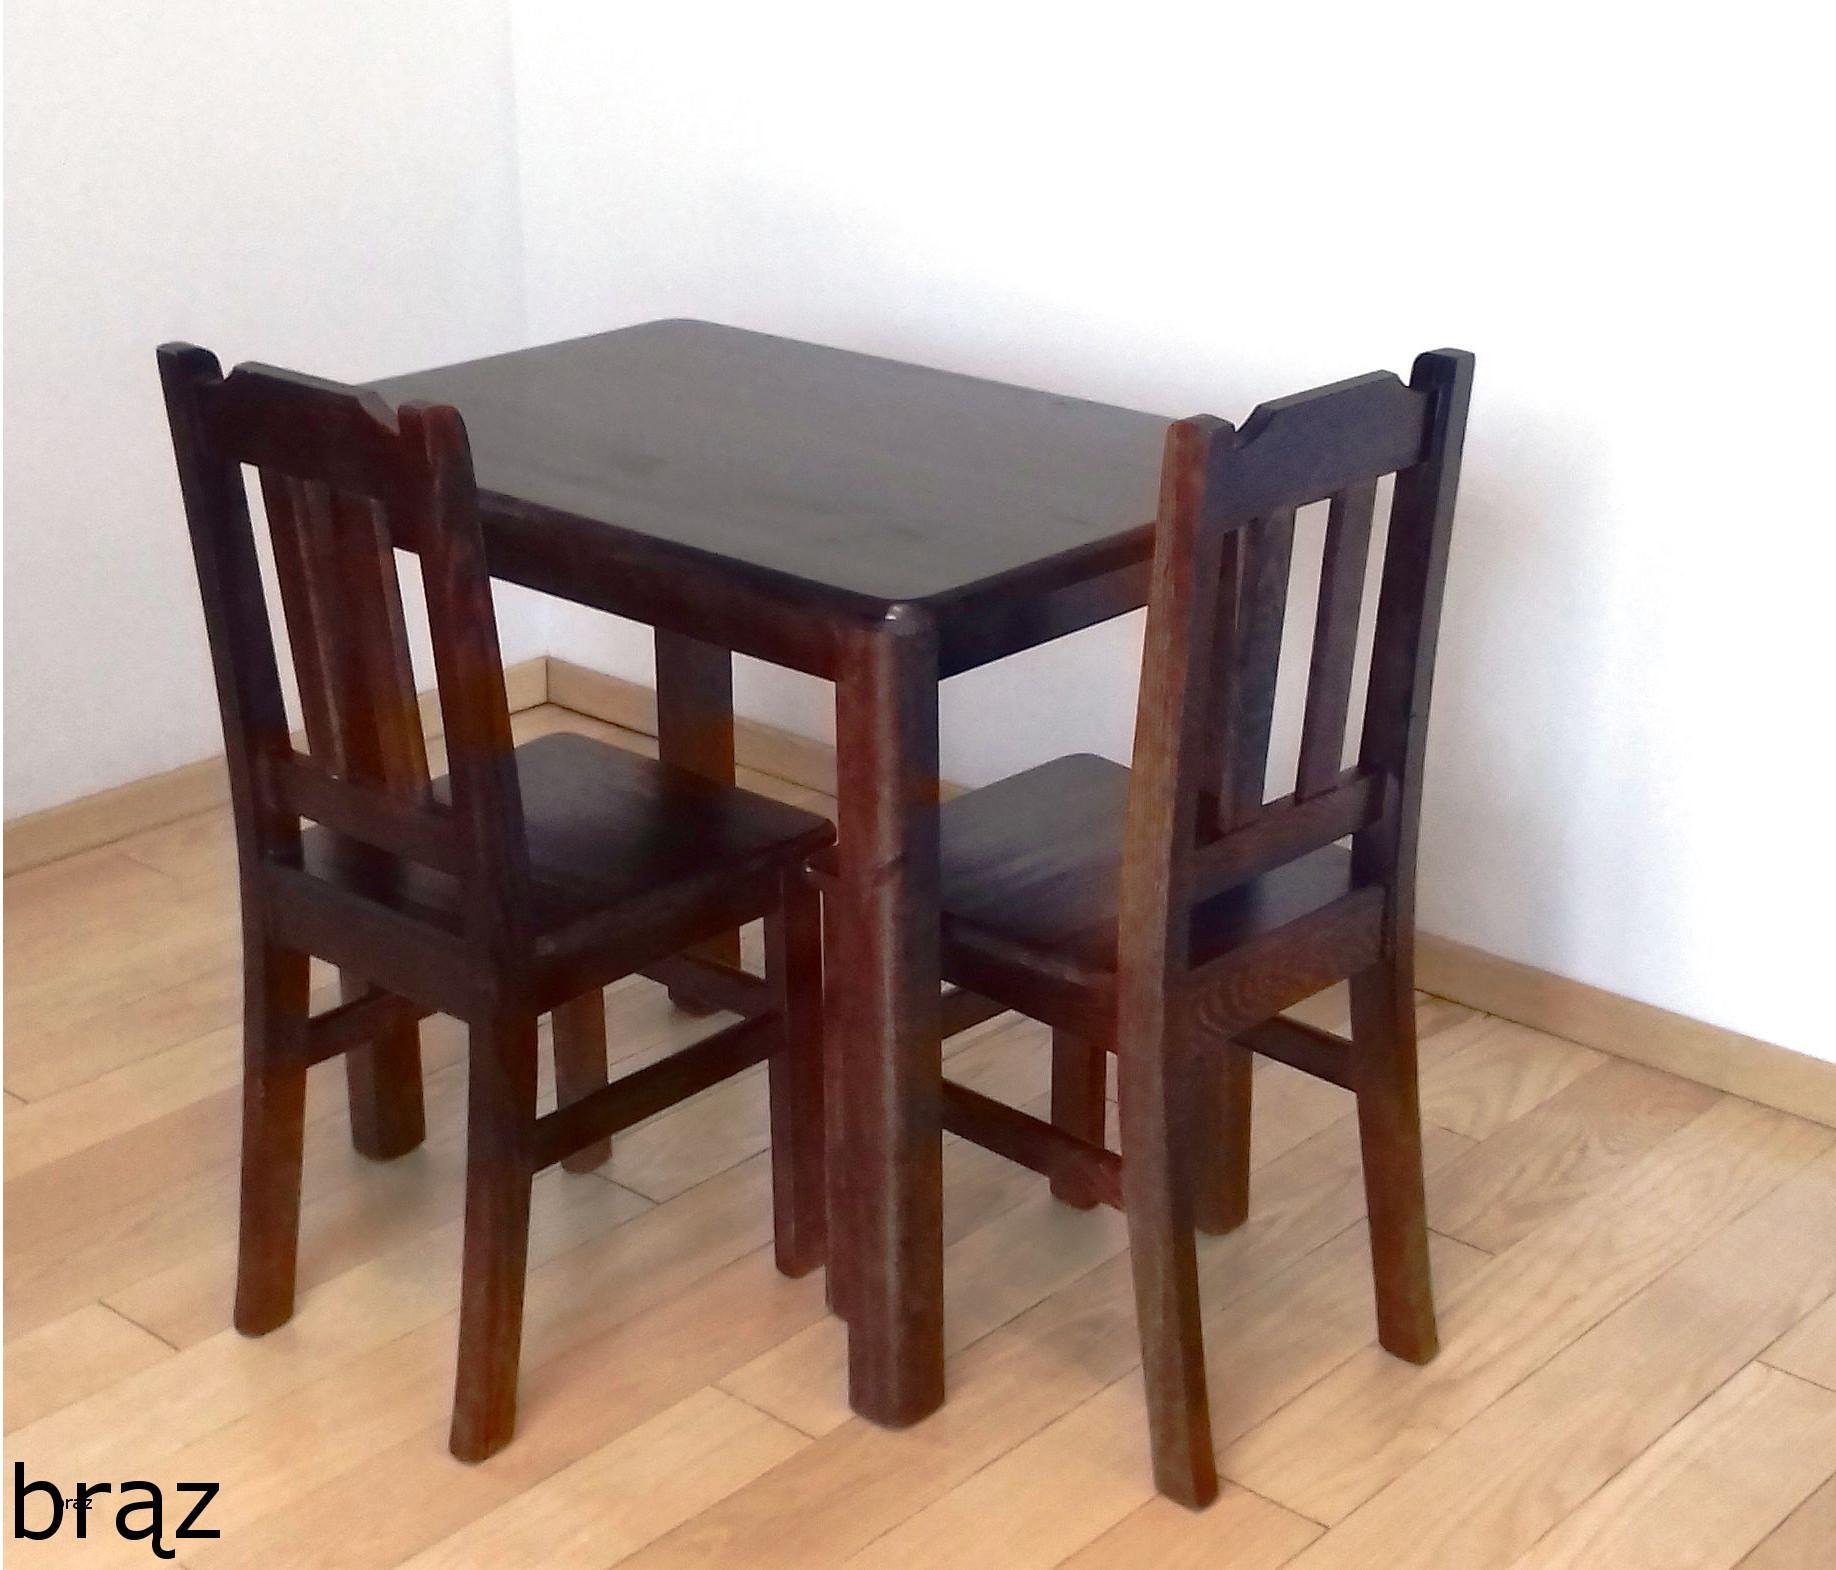 SOLIDNY stół 60x60 stolik kuchenny ława drewniana Marka Inny producent